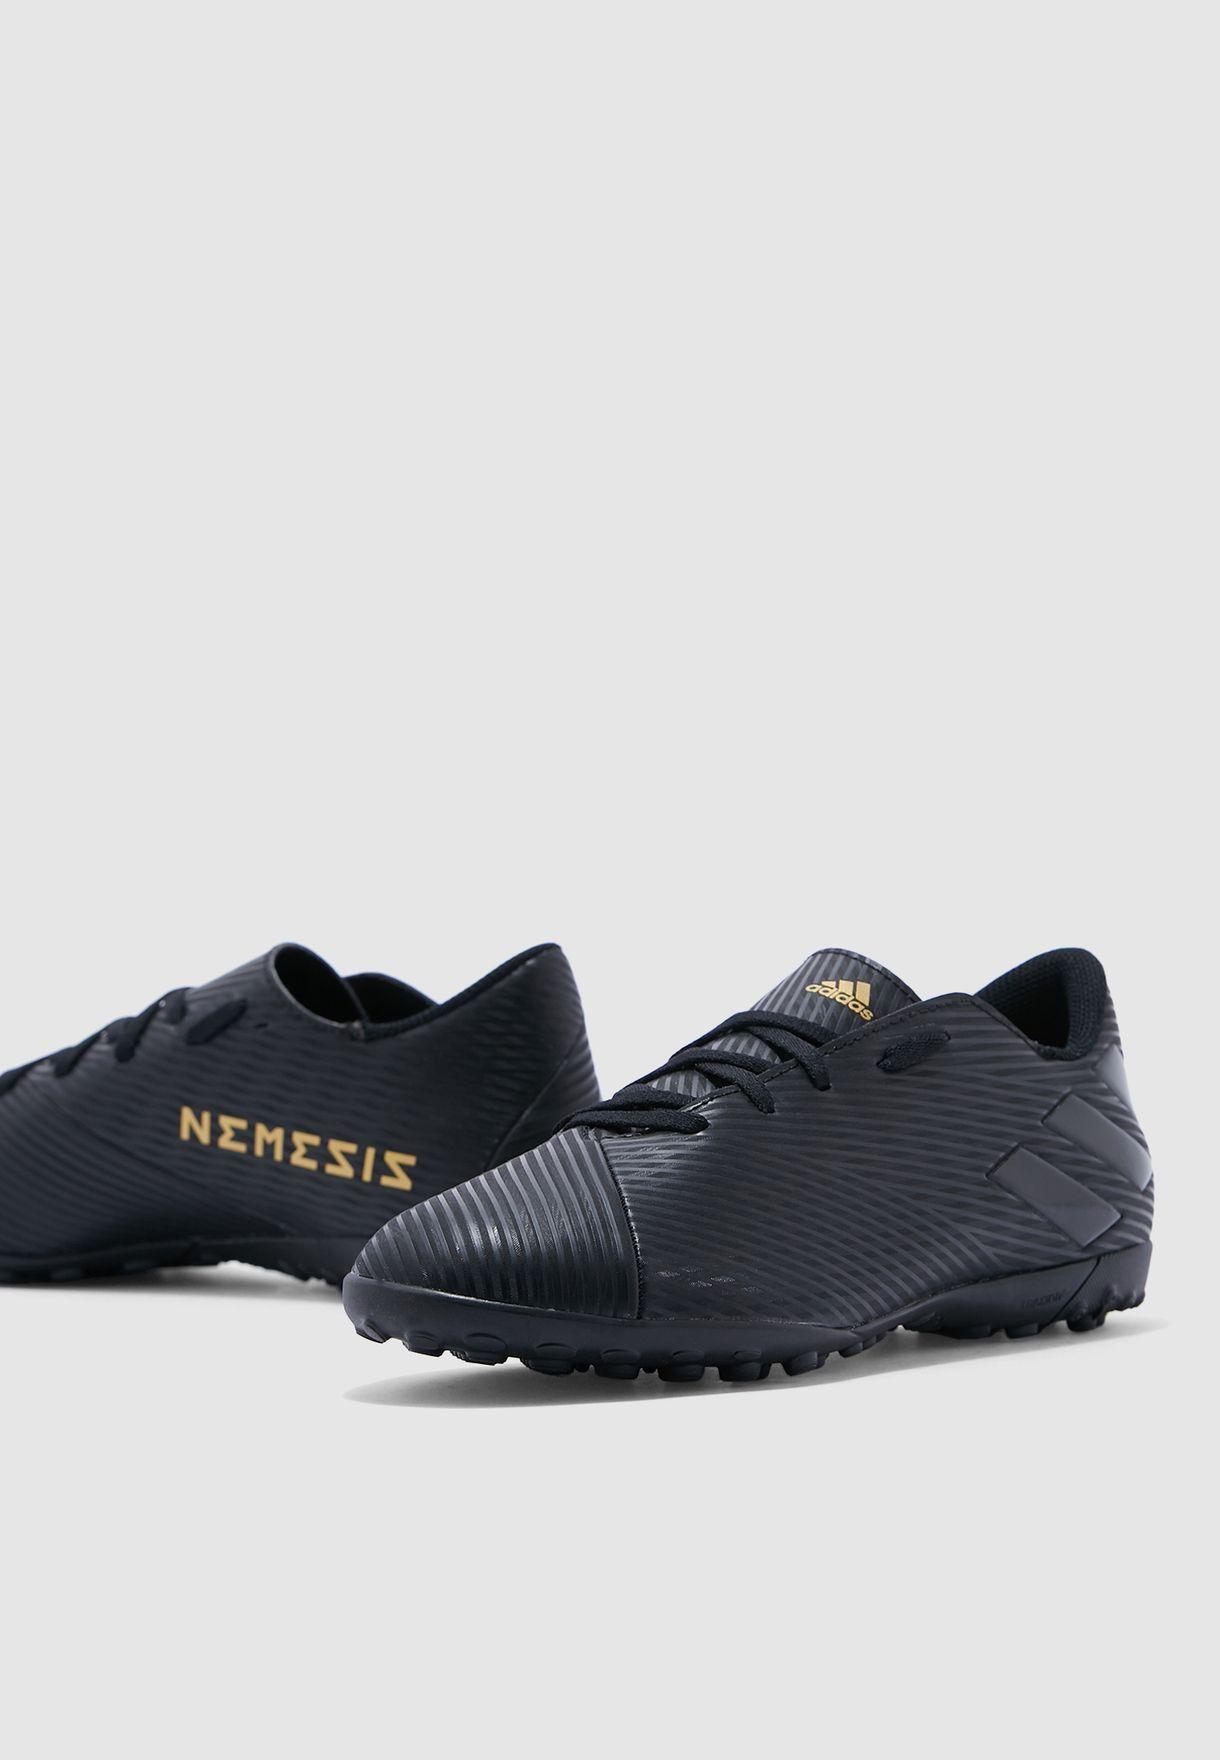 حذاء نميزيز ميسي 19.4 للارض العشبية